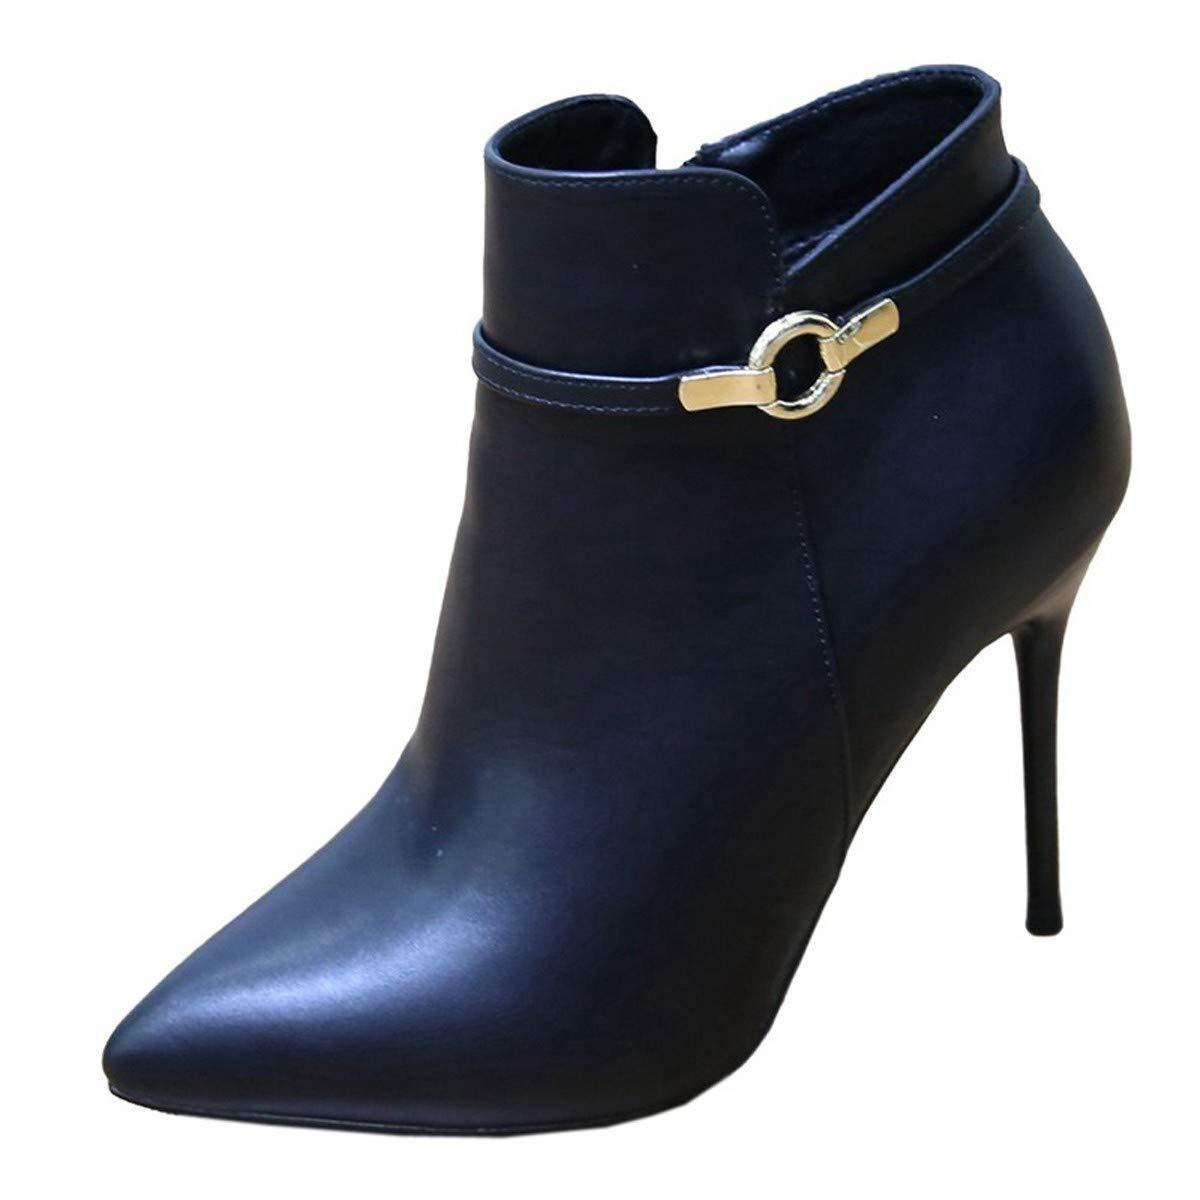 LBTSQ-Spikes Dünnen Absätzen High Heels 10CmKurze Stiefel SAMT Baumwolle Schuhe Schnallen Martin Stiefel Witze.